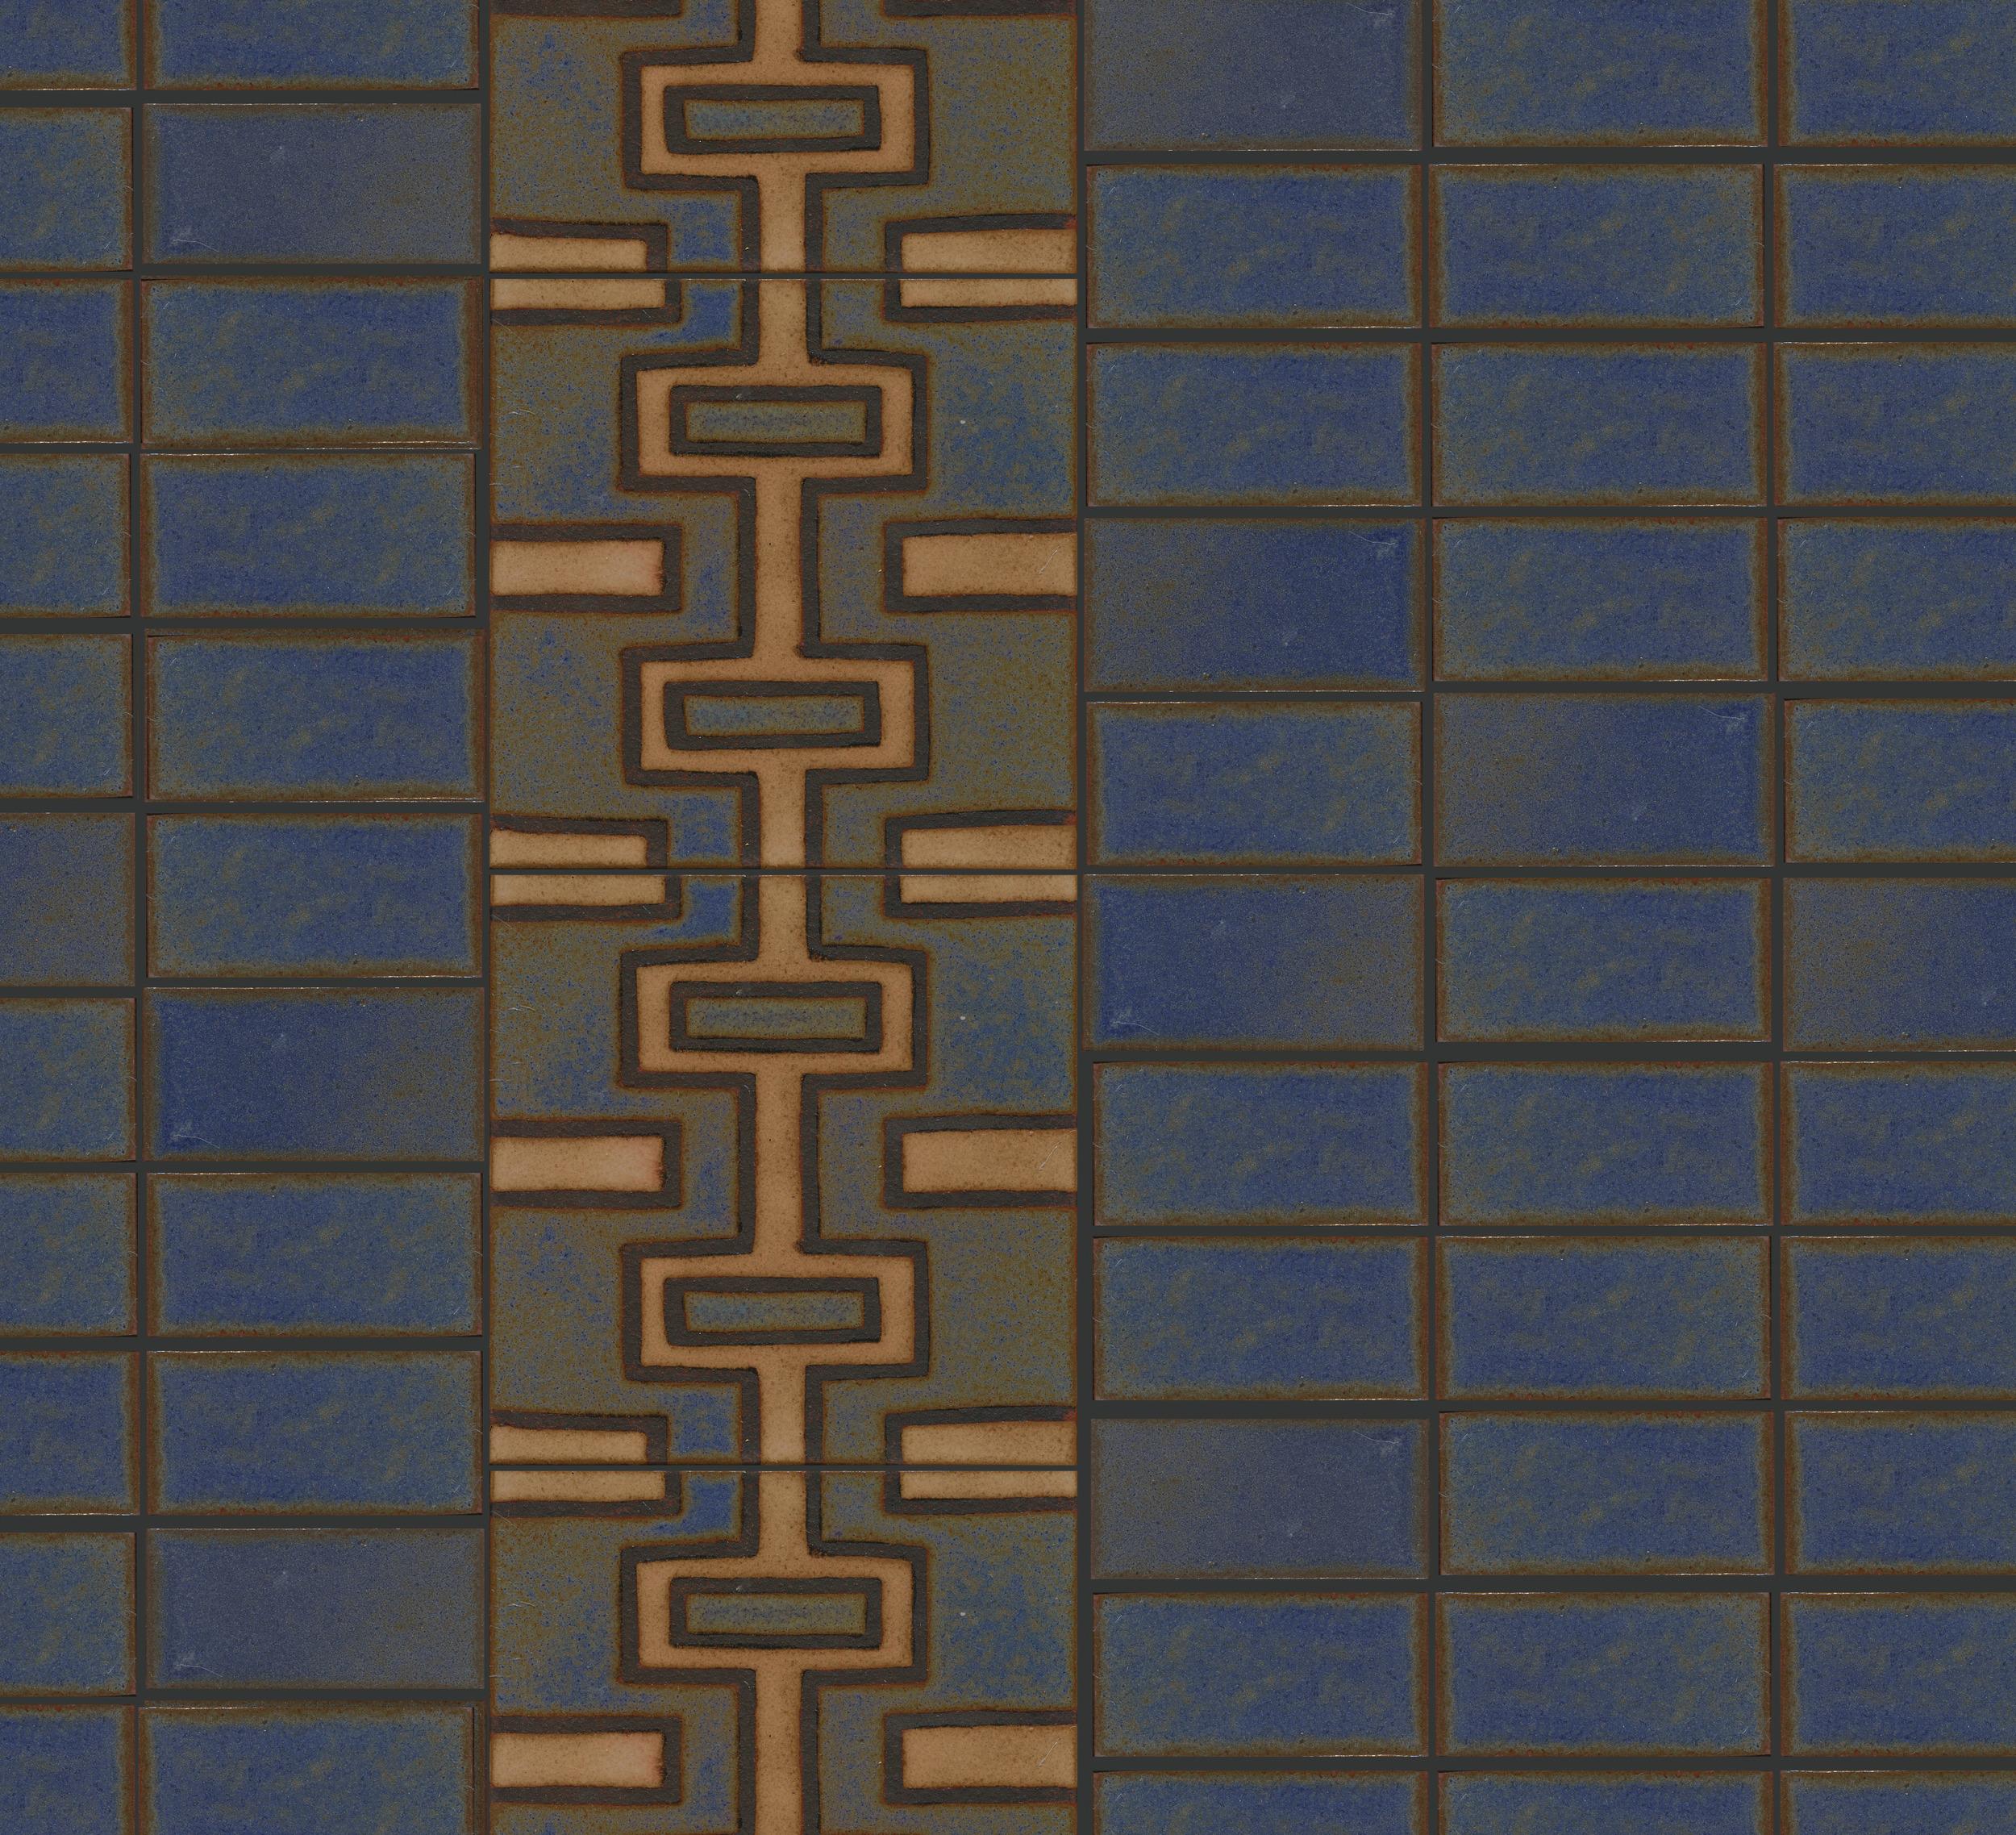 SGeo-azul-boardLG.jpg